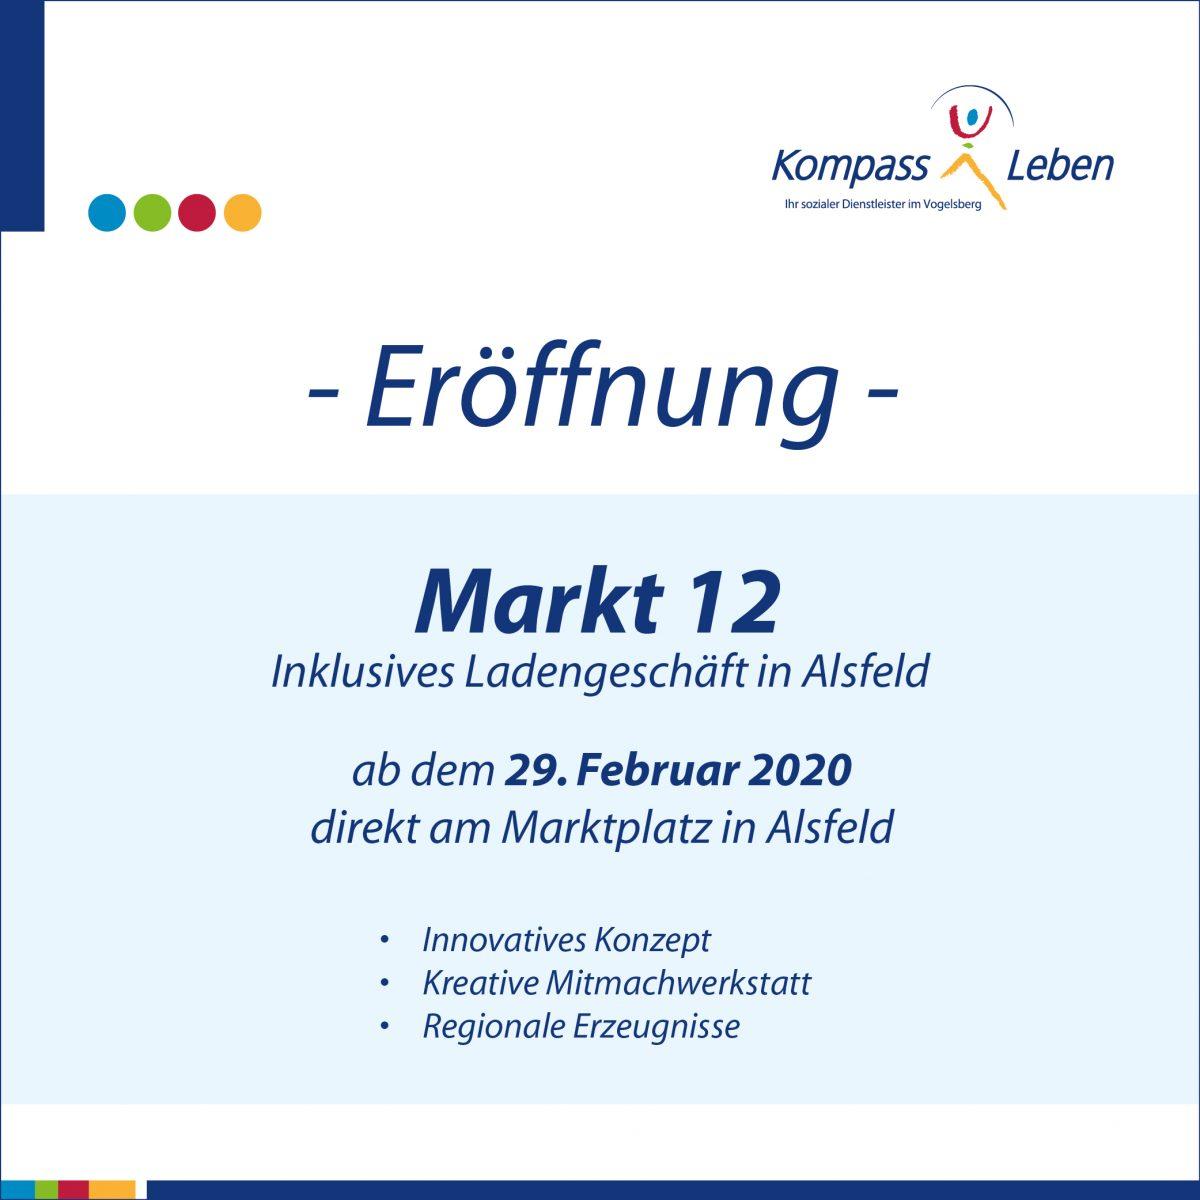 Eröffnung Markt 12 am 29.02.2020